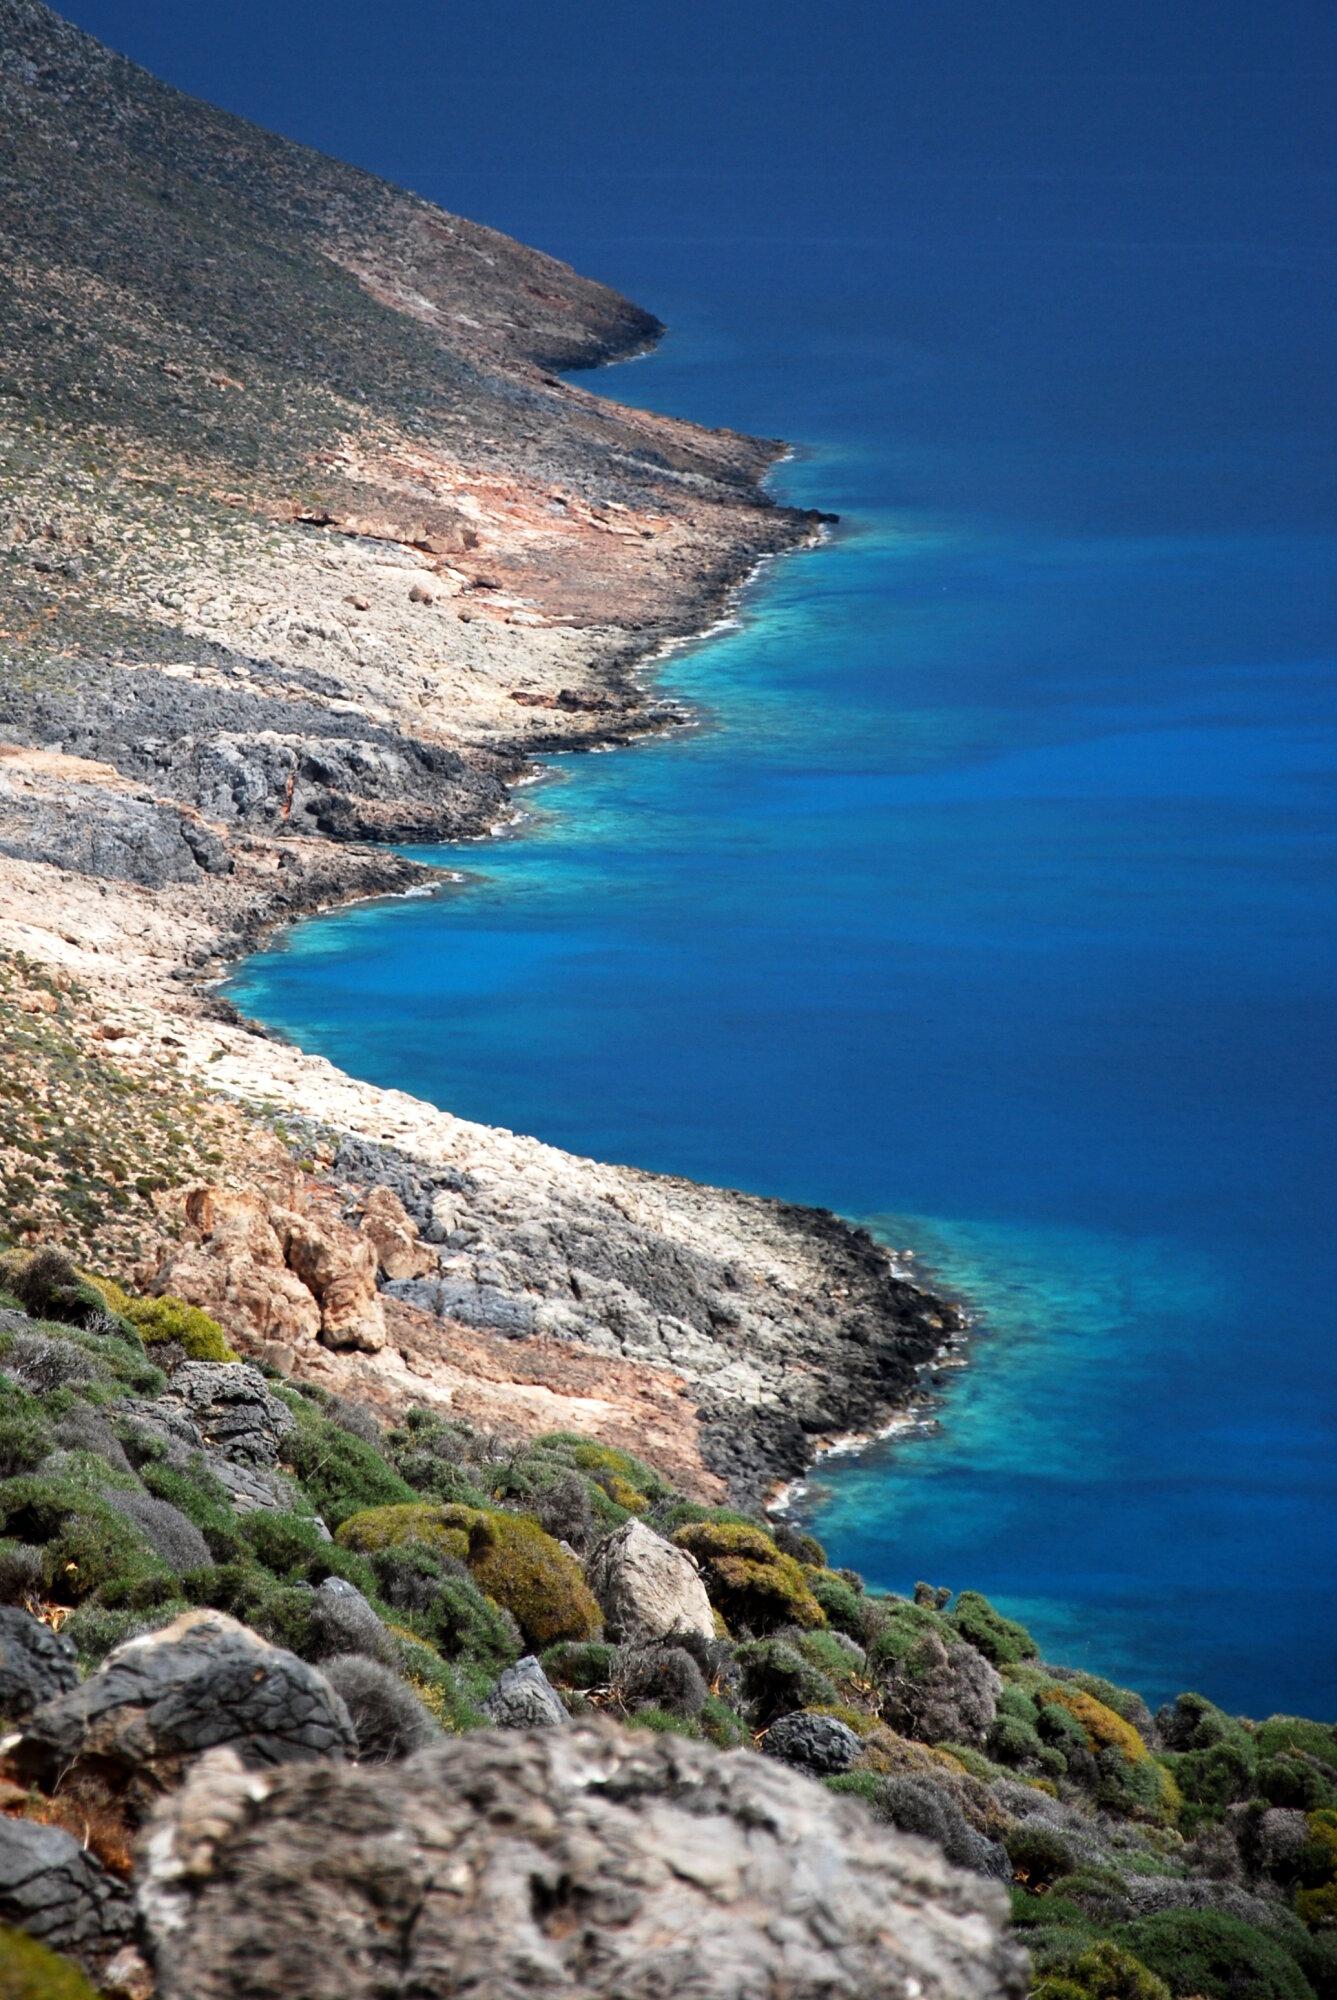 Randonnée le long de la côte crétoise